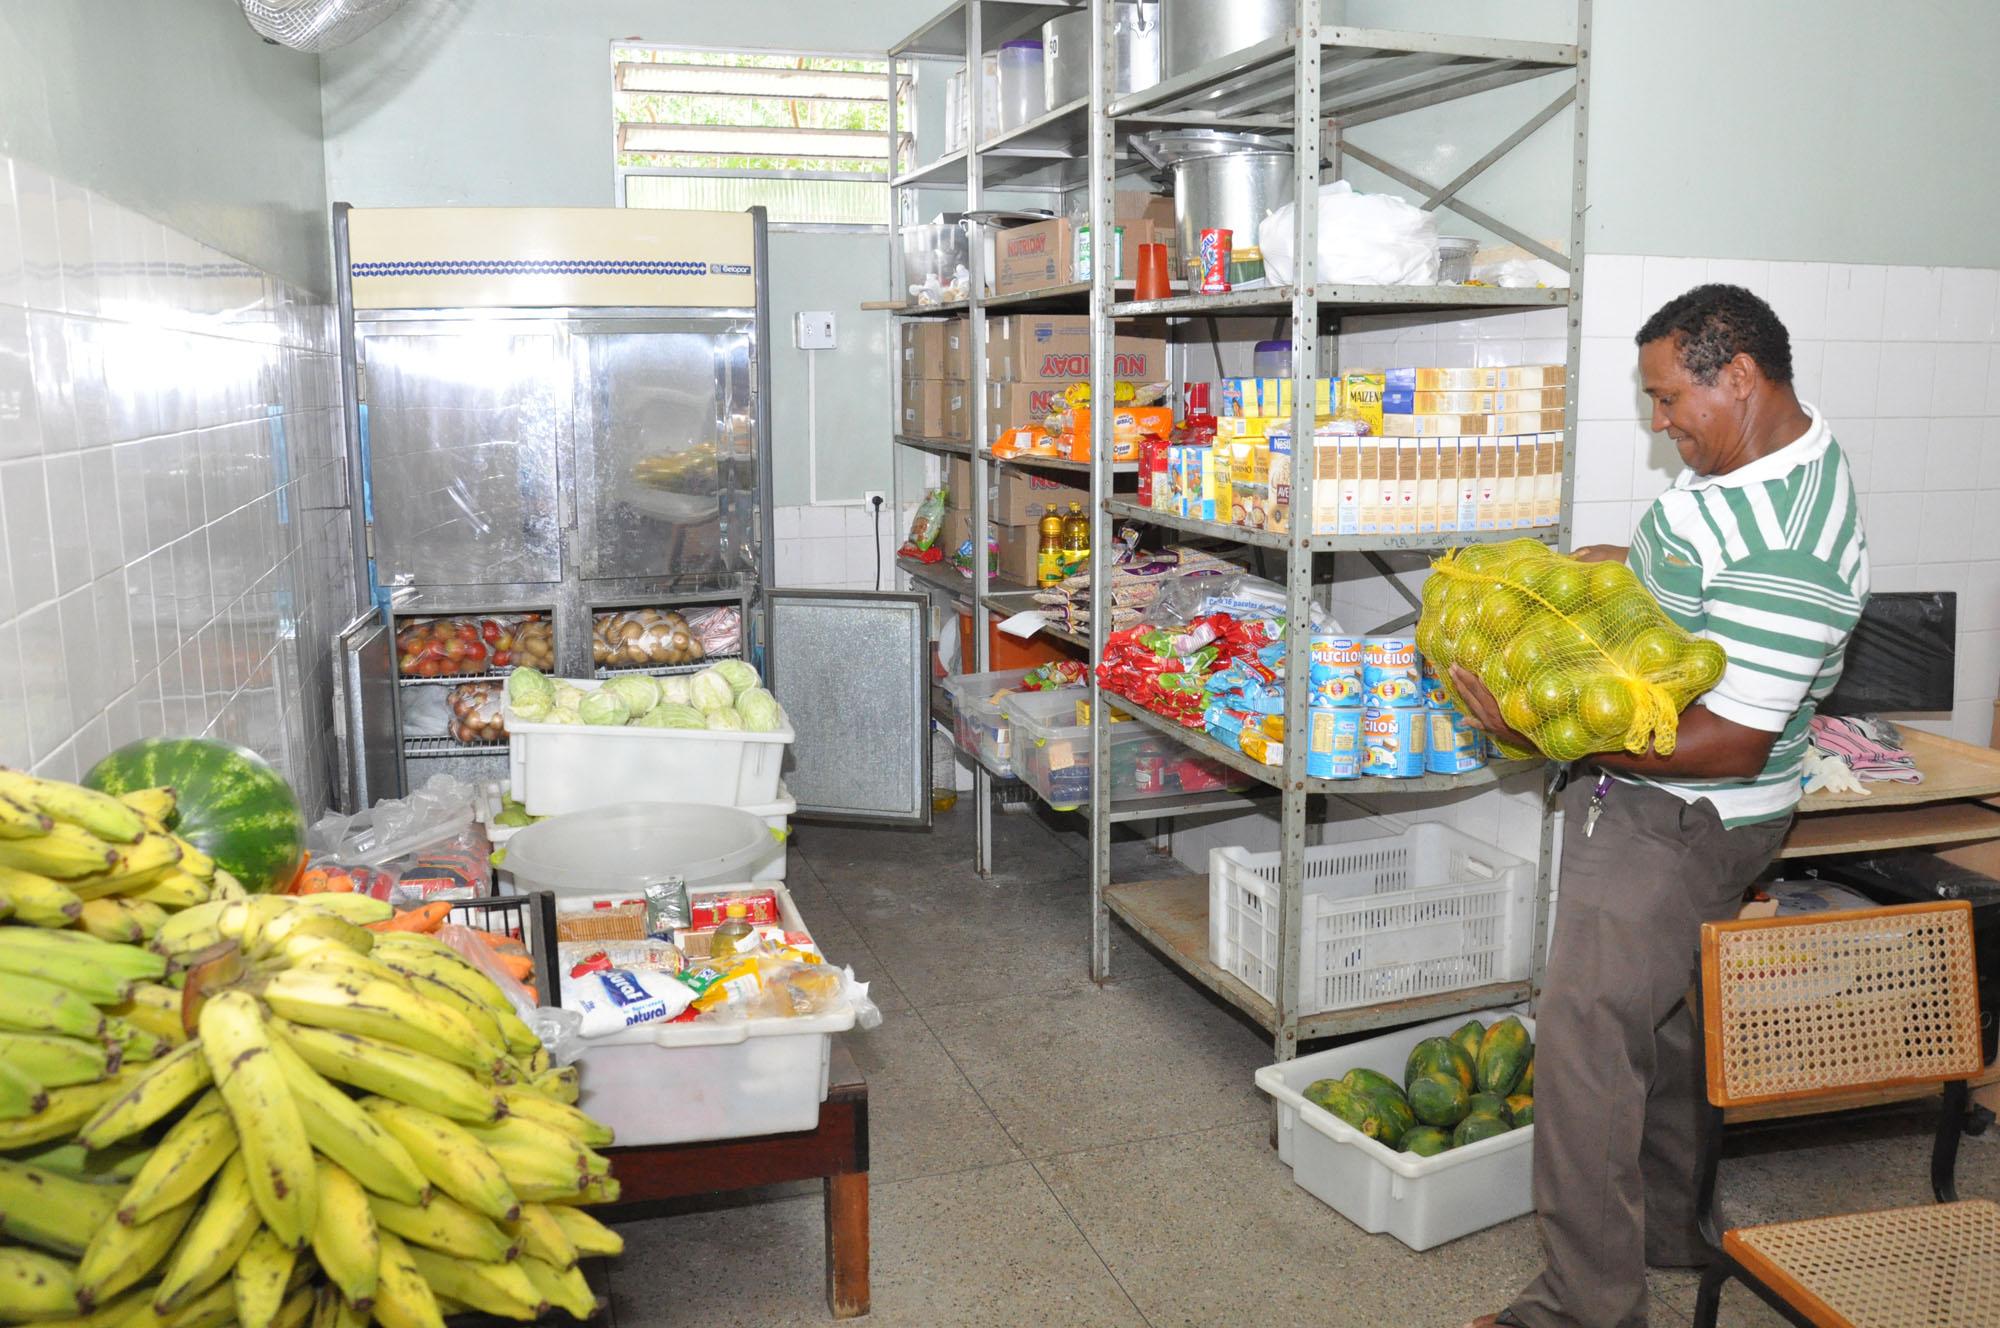 Foto 1 - DOMINGO - reestruturação de unidades municipais de saúde Unidade Mista de Bequimão foto Nestor Bezerra